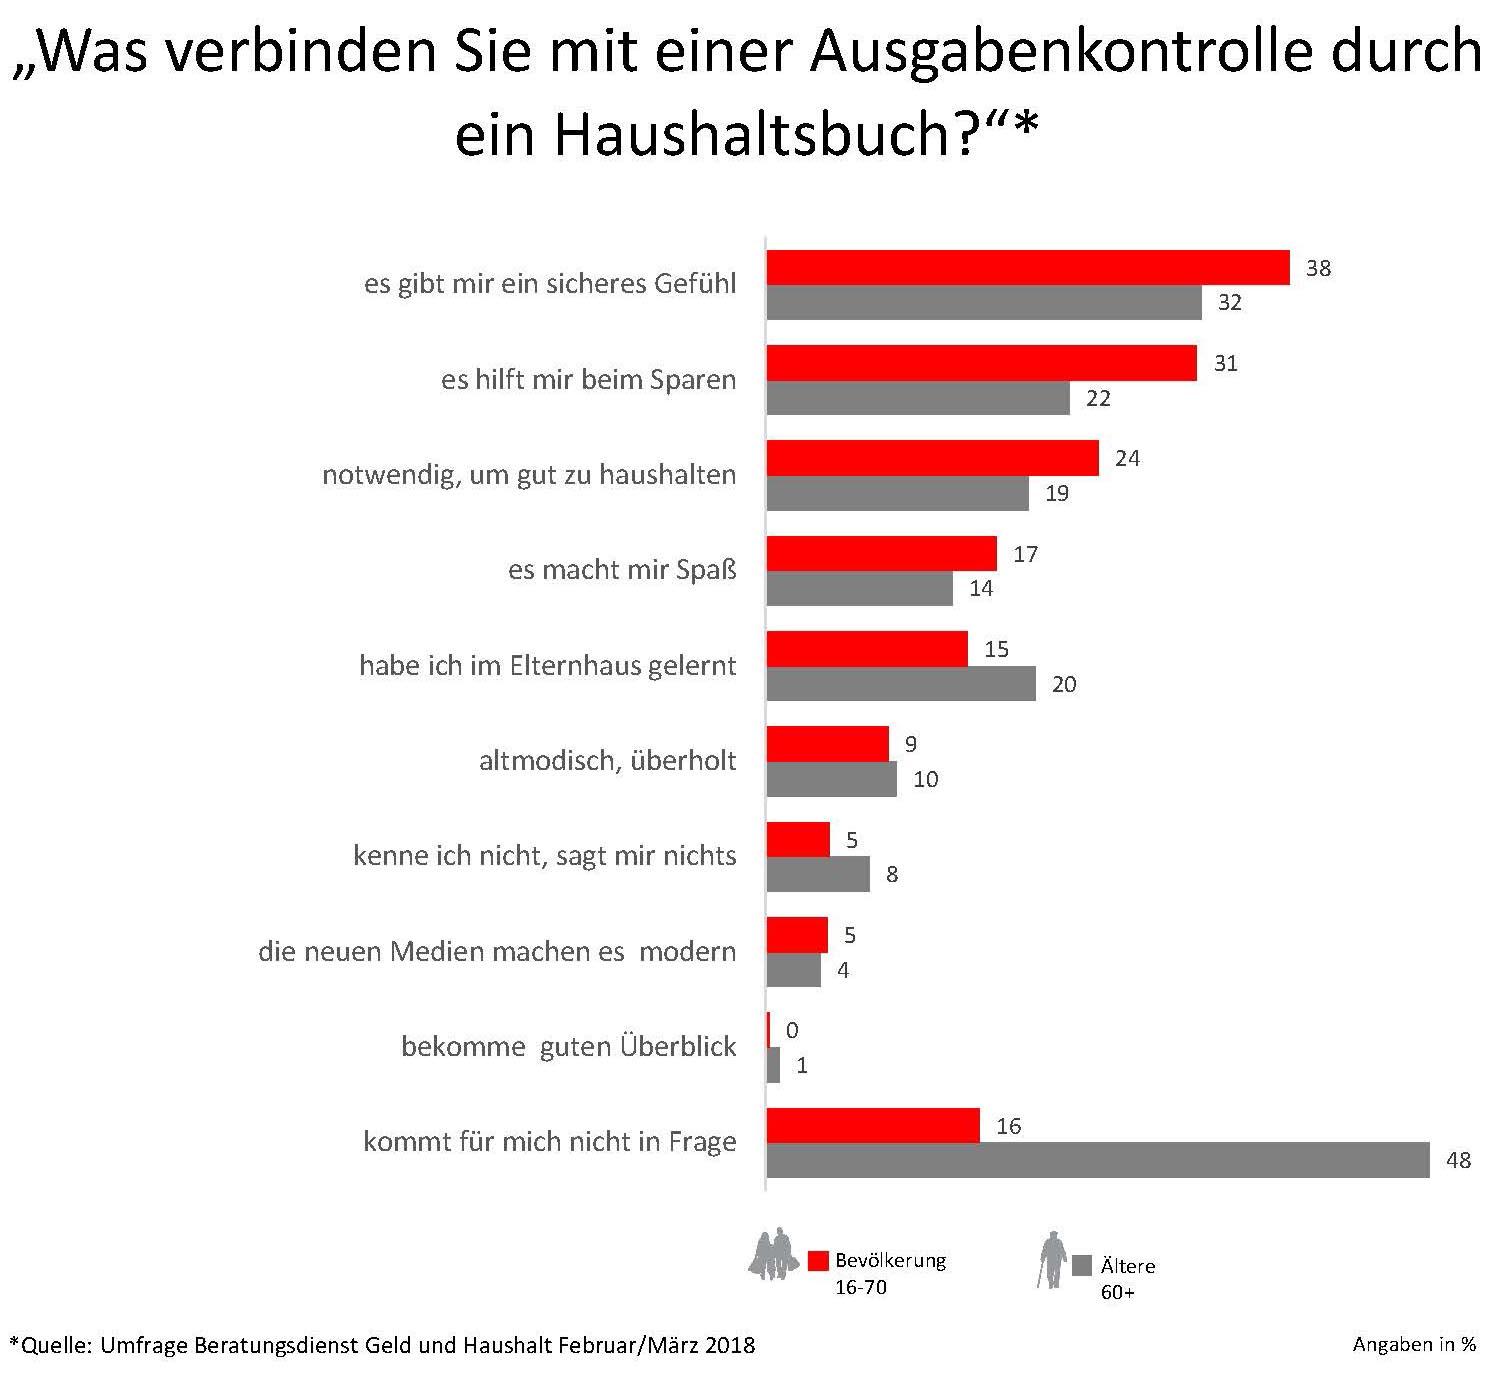 Umfrage: Was verbinden Sie mit einer Ausgabenkontrolle durch ein Haushaltsbuch?